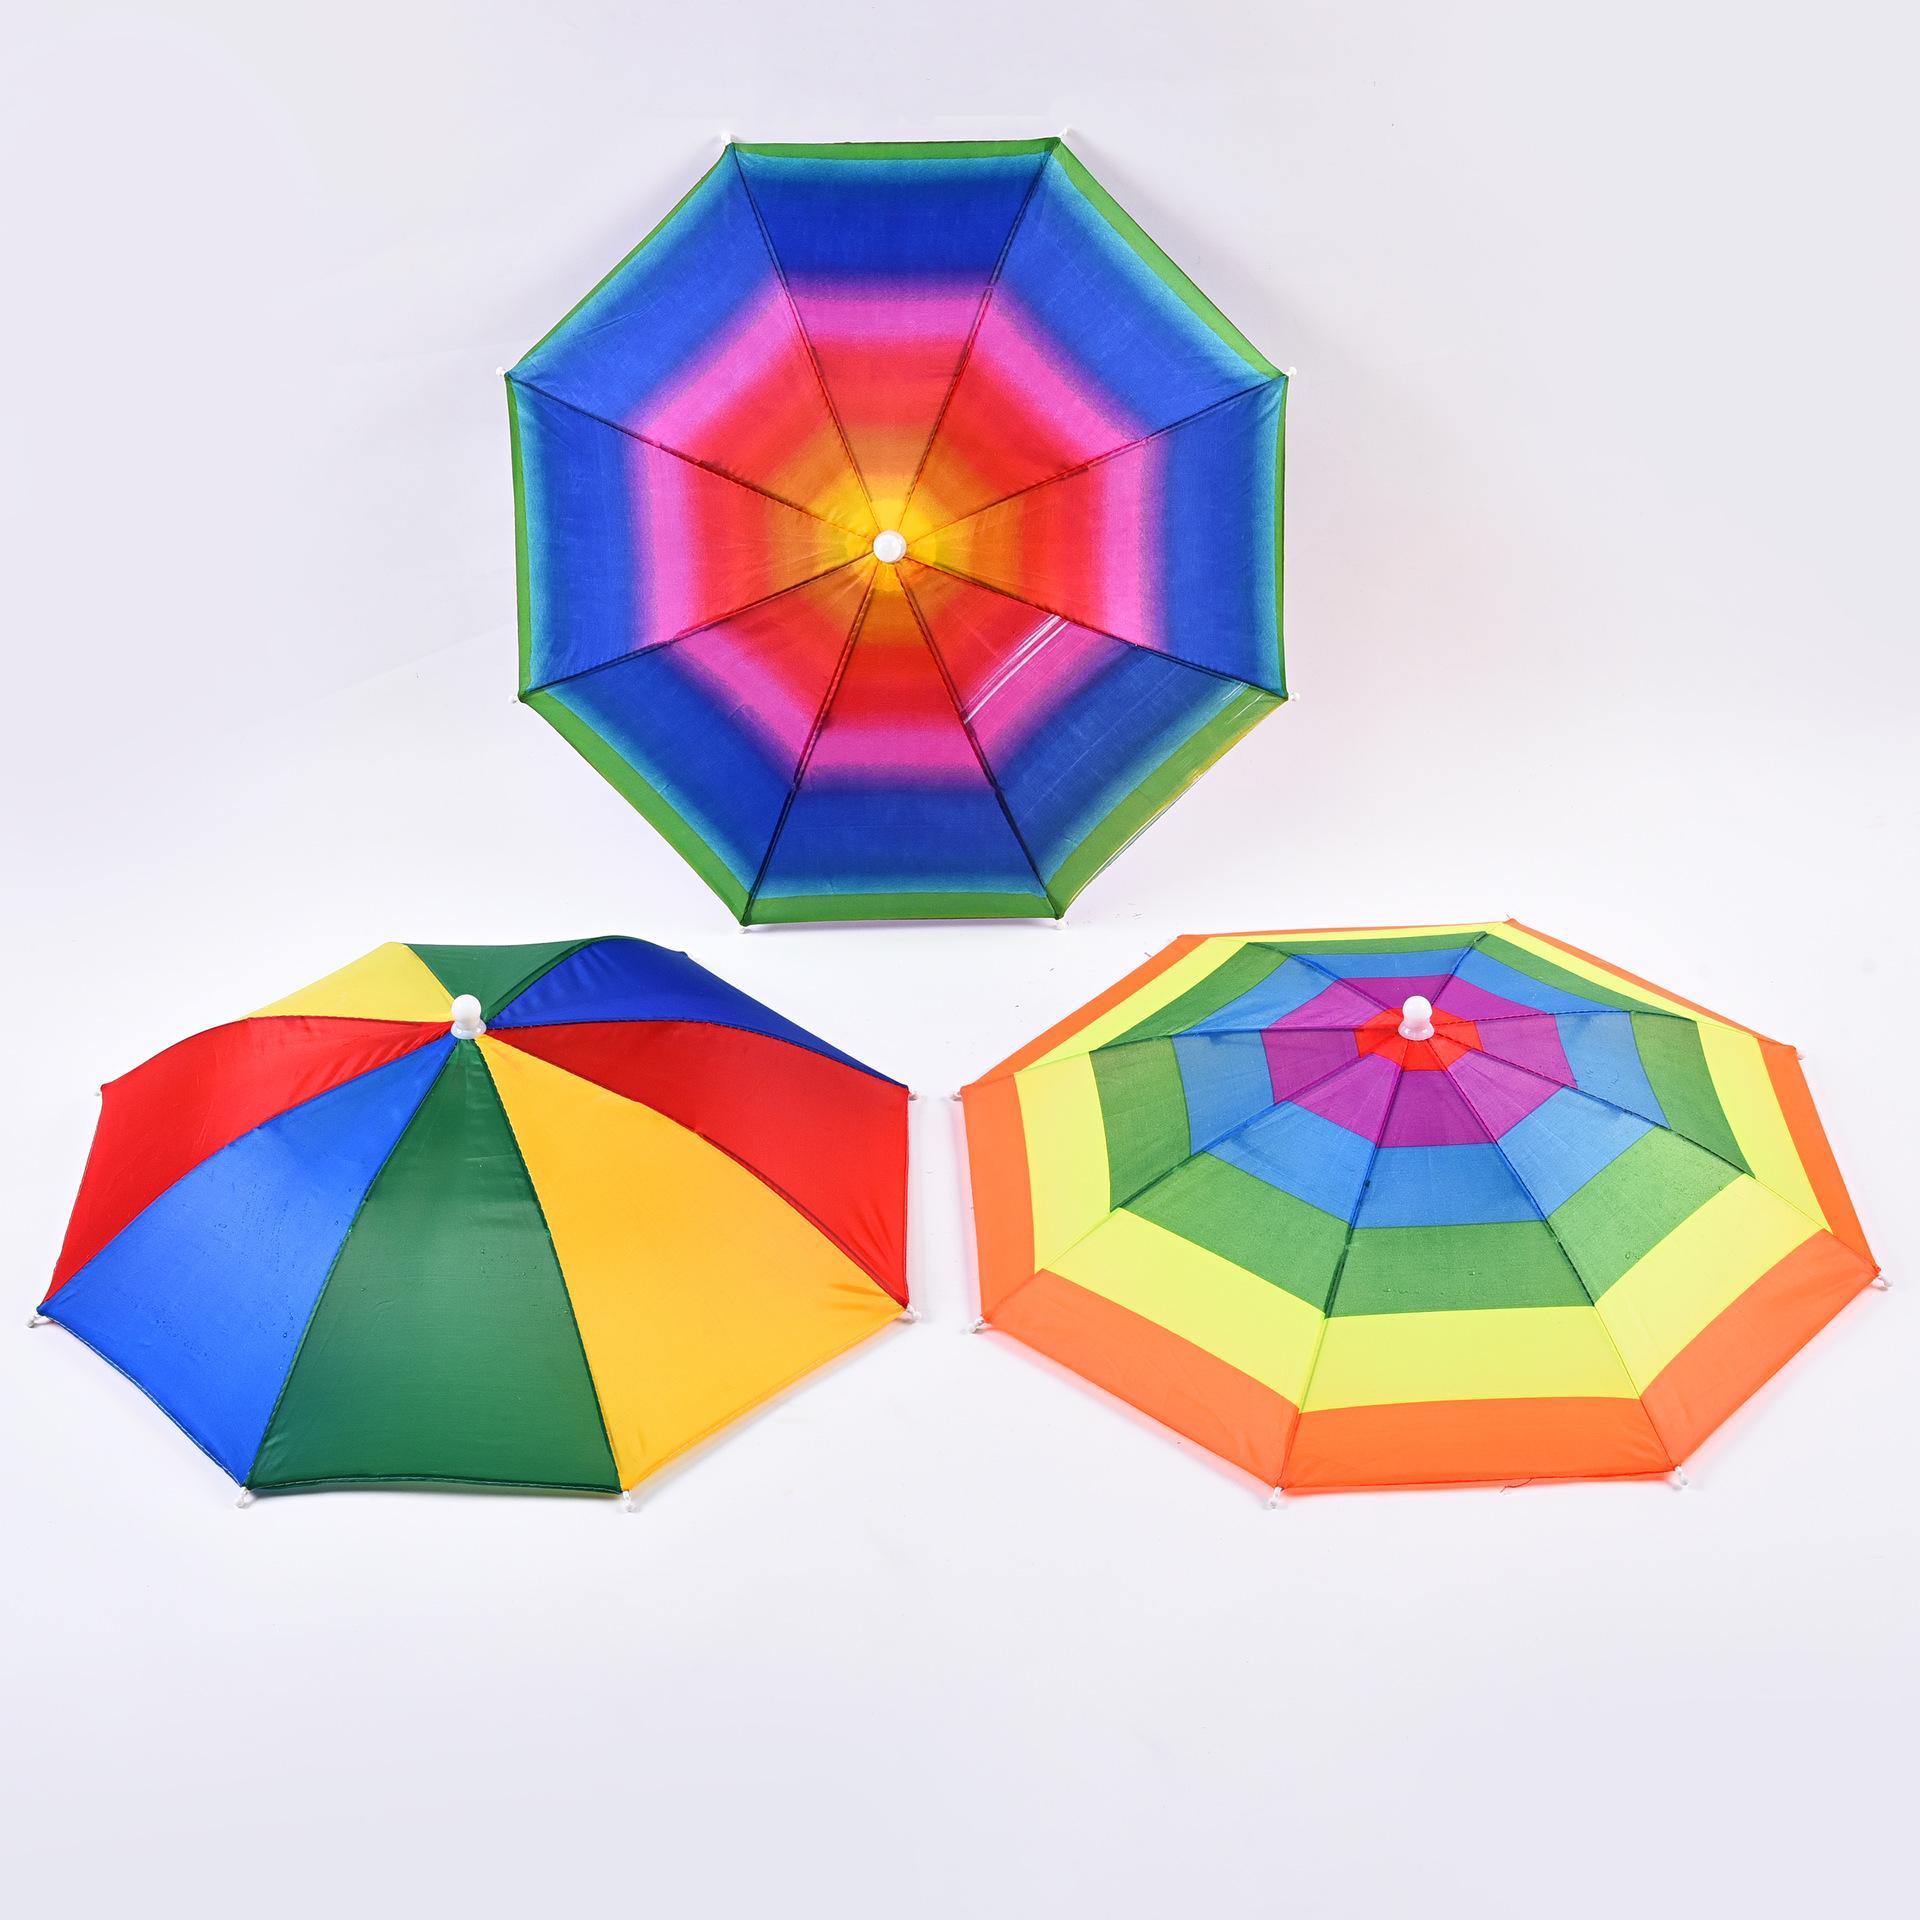 야외 접이식 태양 우산 모자 무지개 성인 어린이 골프 낚시 캠핑 그늘 비치 모자 캡 헤드 모자 TTA1738